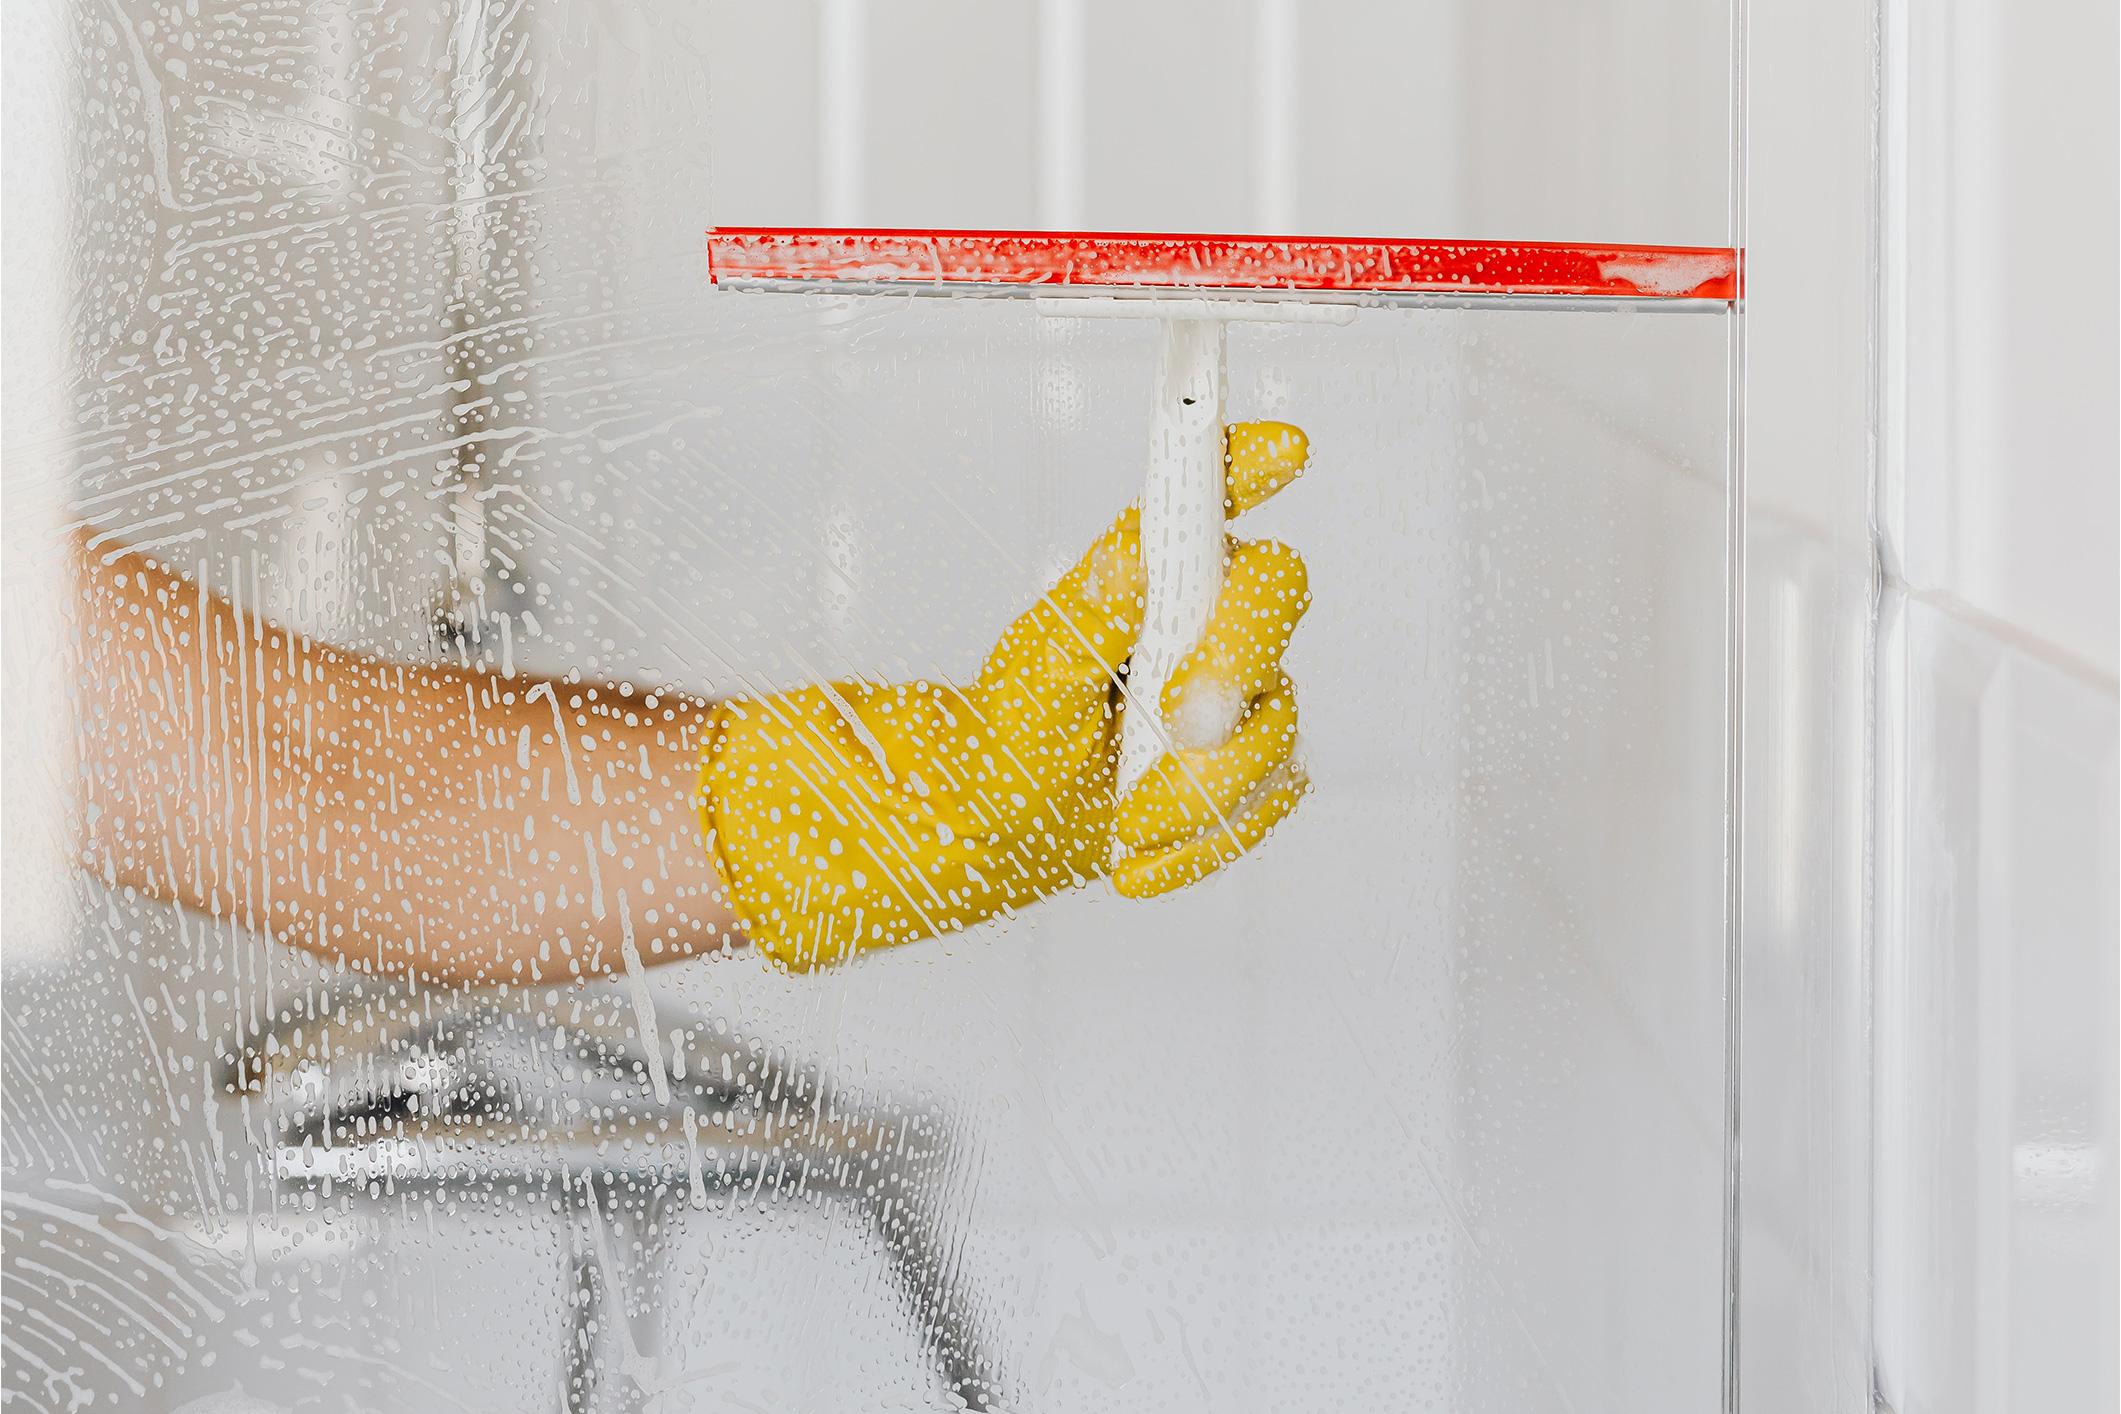 Limpeza pós-obras: livra-te do pó e sujidade em 6 passos